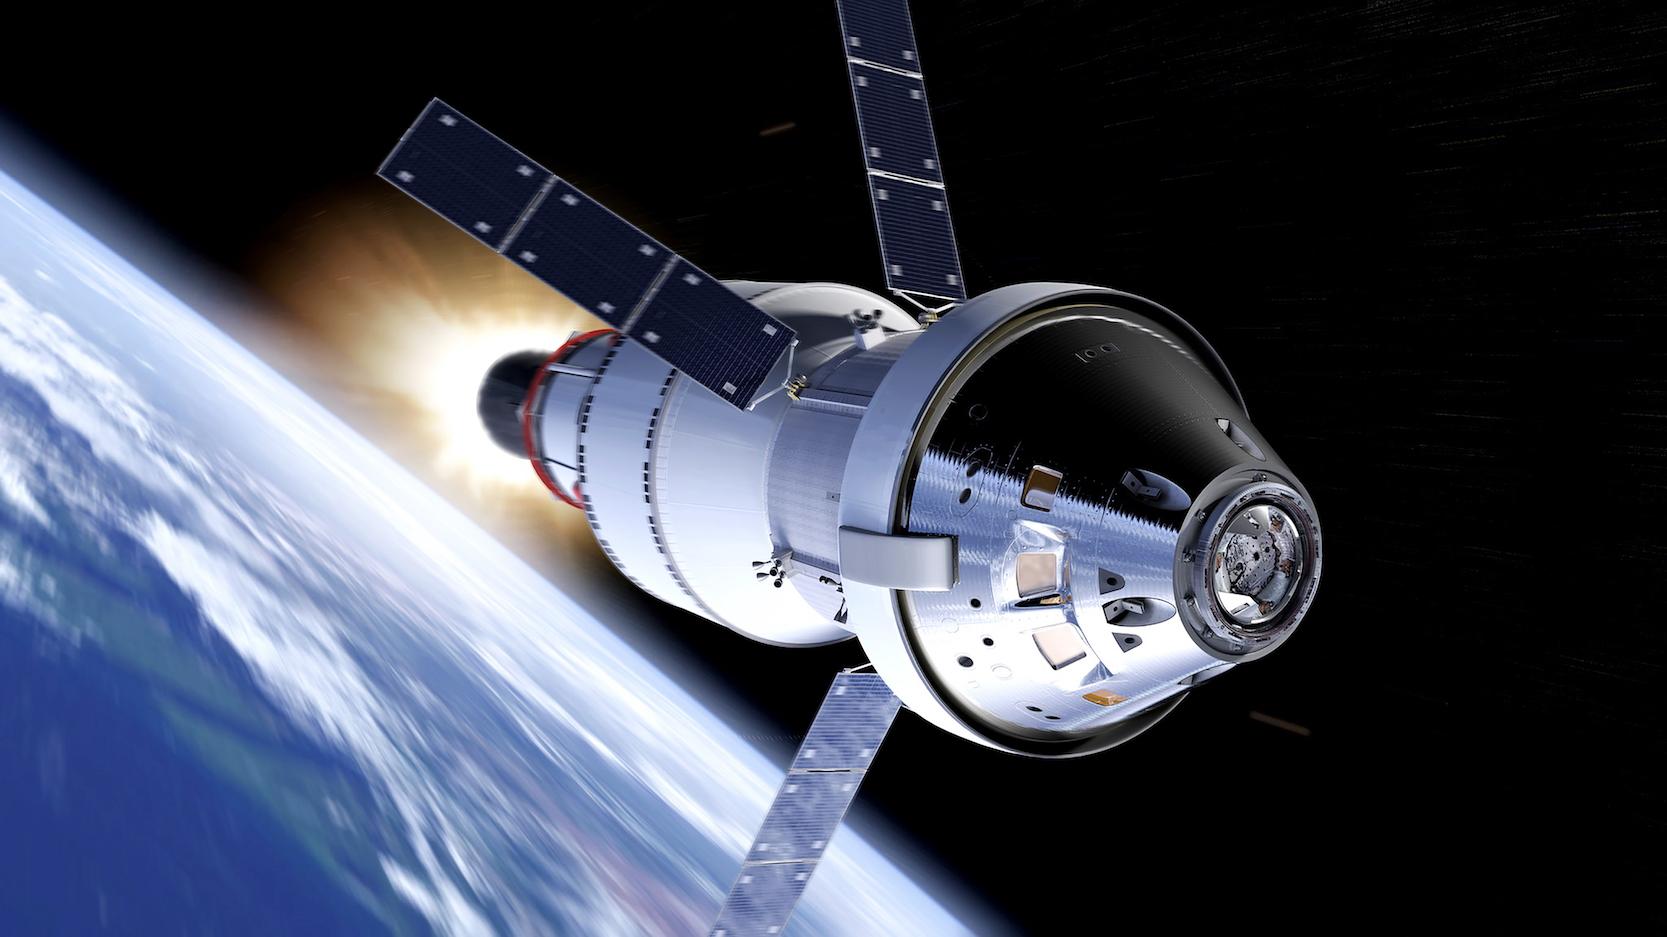 Zweimal werden die SLS-Rakete und die Orion-Kapsel die Erde umrunden, bevor sich die Kapsel von der Raketenstufe löst, um dann mit der Kraft des europäischen Servicemoduls ESM zum Mond zu fliegen.